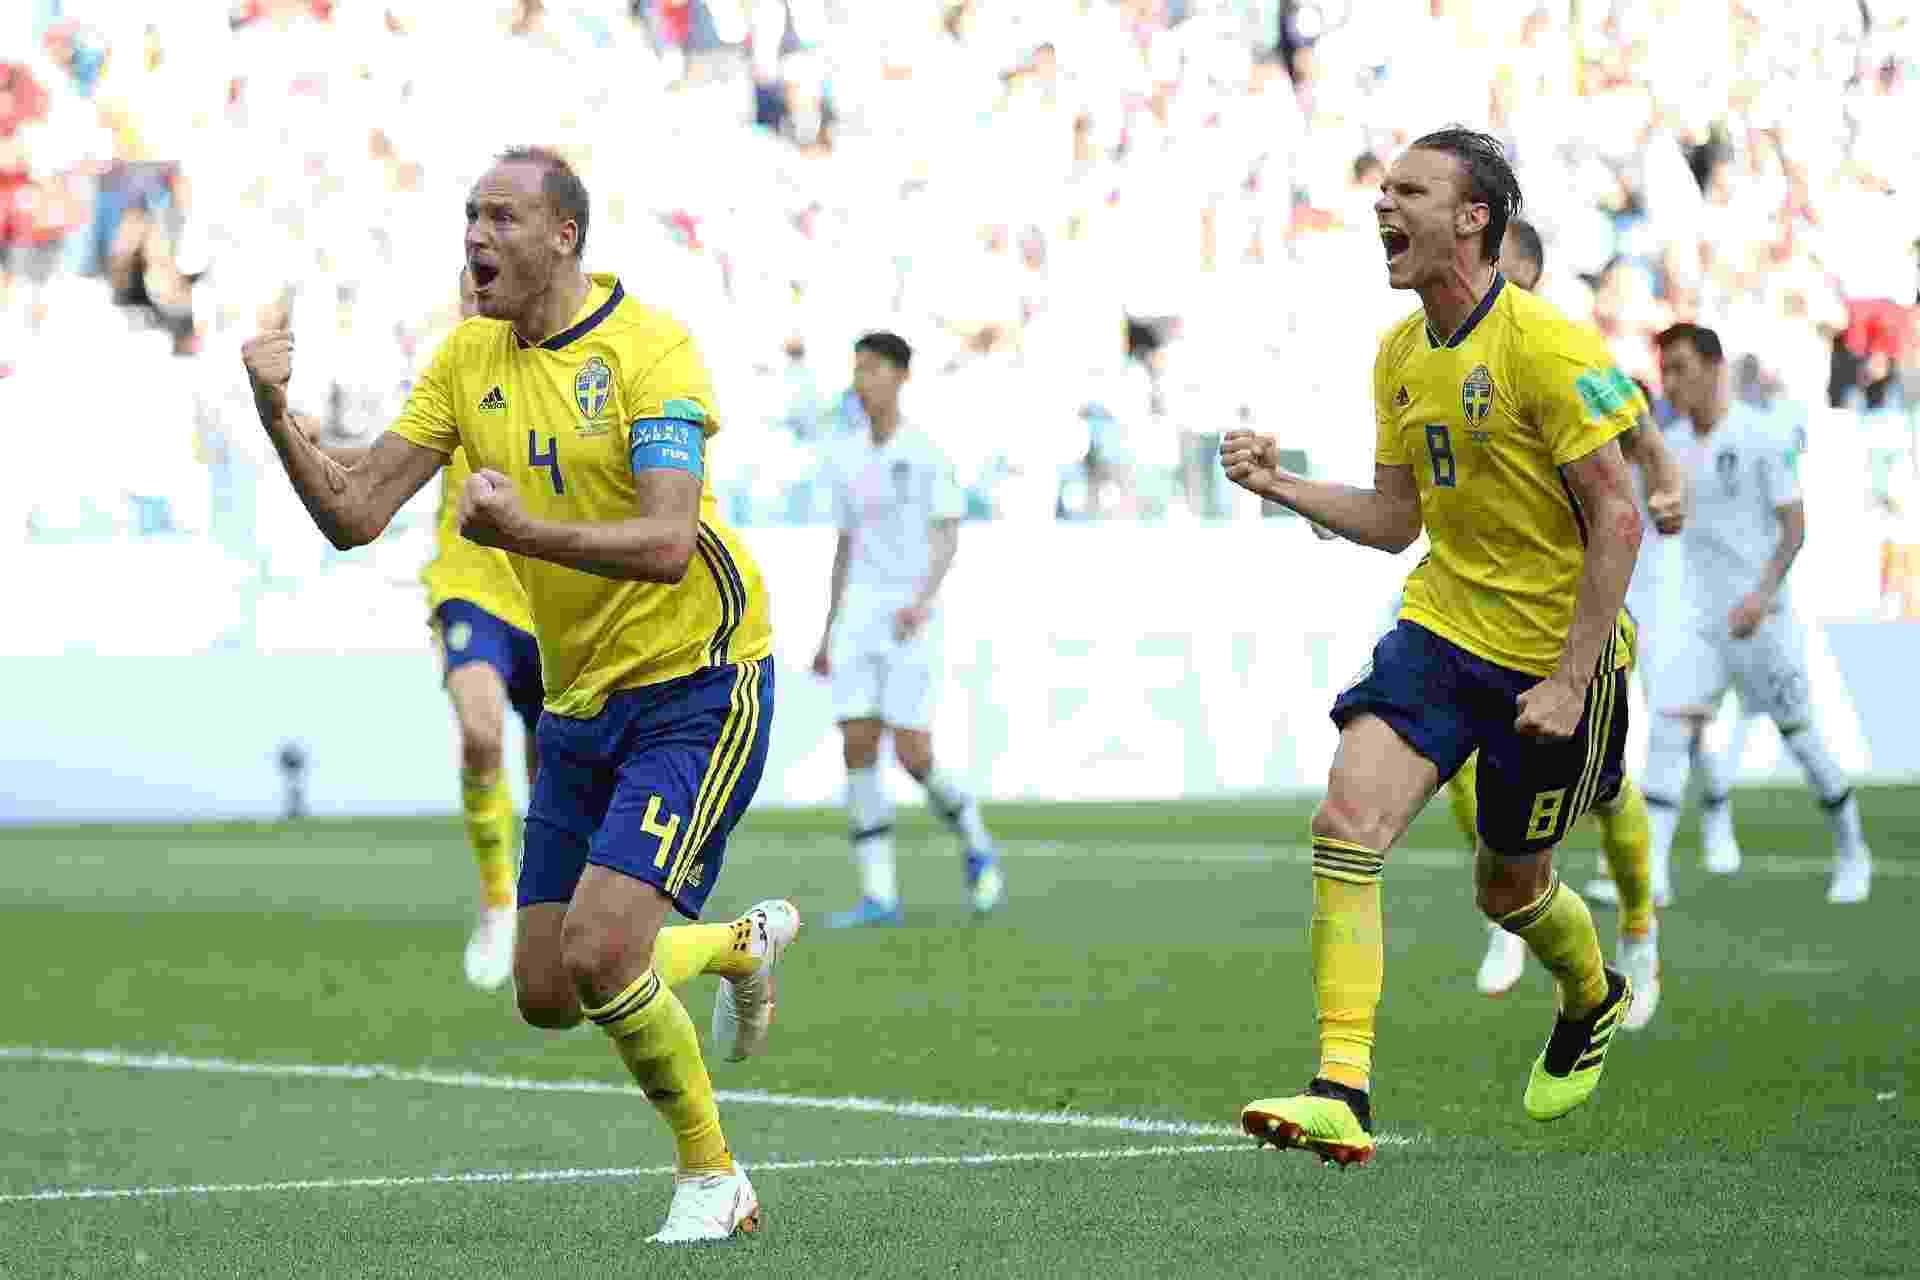 1c49b8d183 Suécia na Copa 2018  Suécia vê Alemanha ameaçada na Copa do Mundo ...